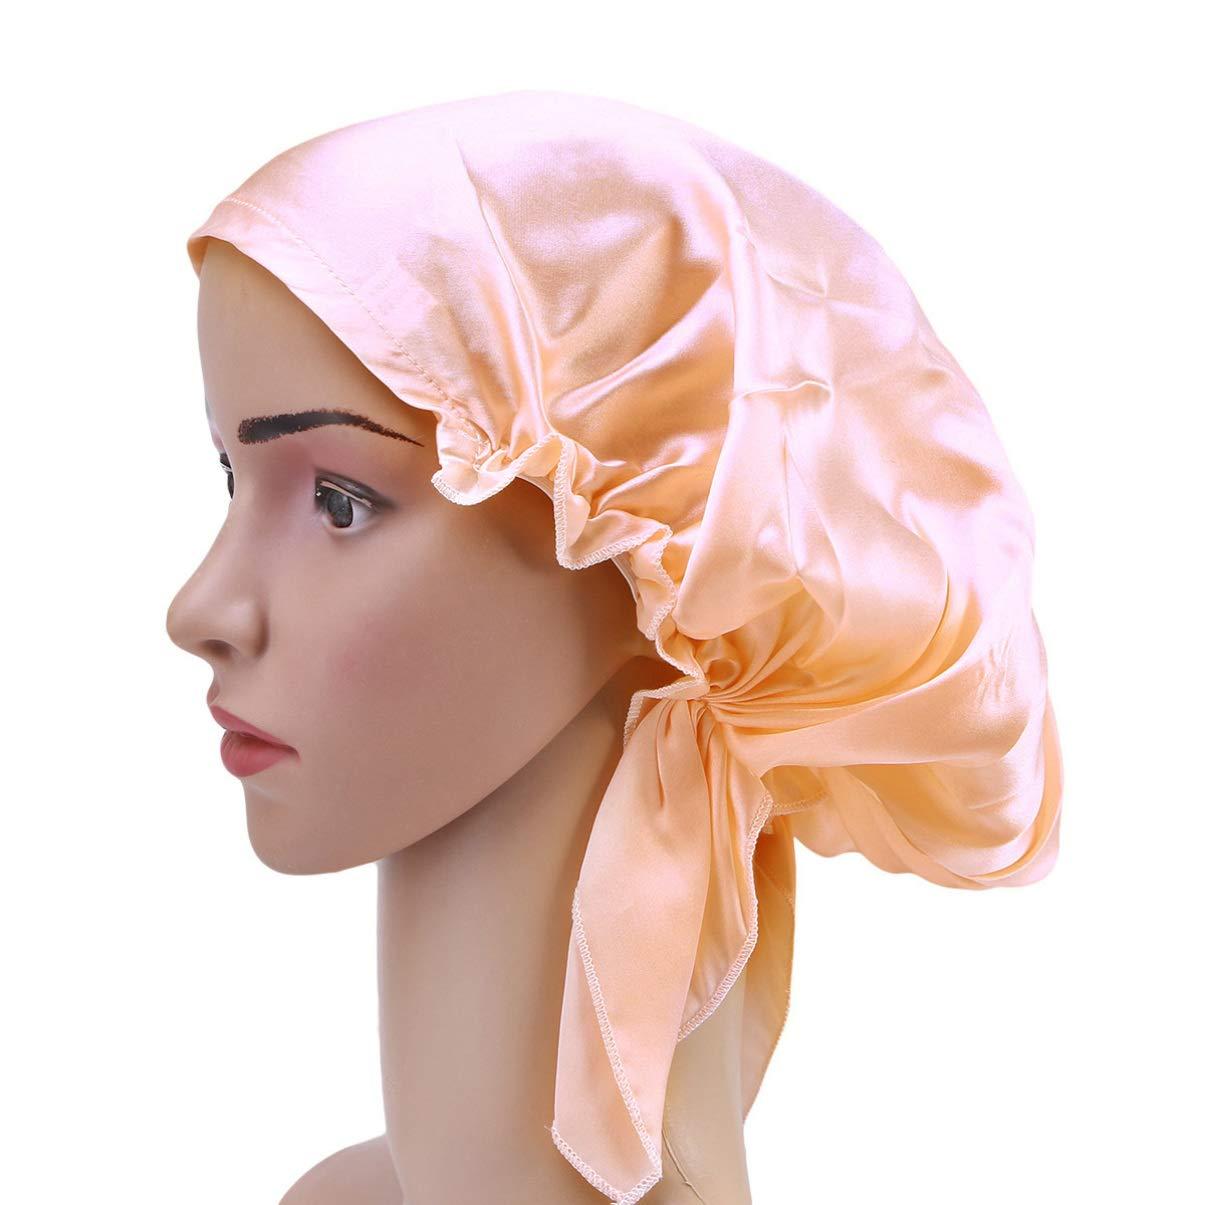 Beaupretty Mulberry Silk Night Sleeping Cap, Long Hair Bonnet Sleep Cap Elastic Band Nightcap Soft Head Warp Hat for Women Girls (Pink)